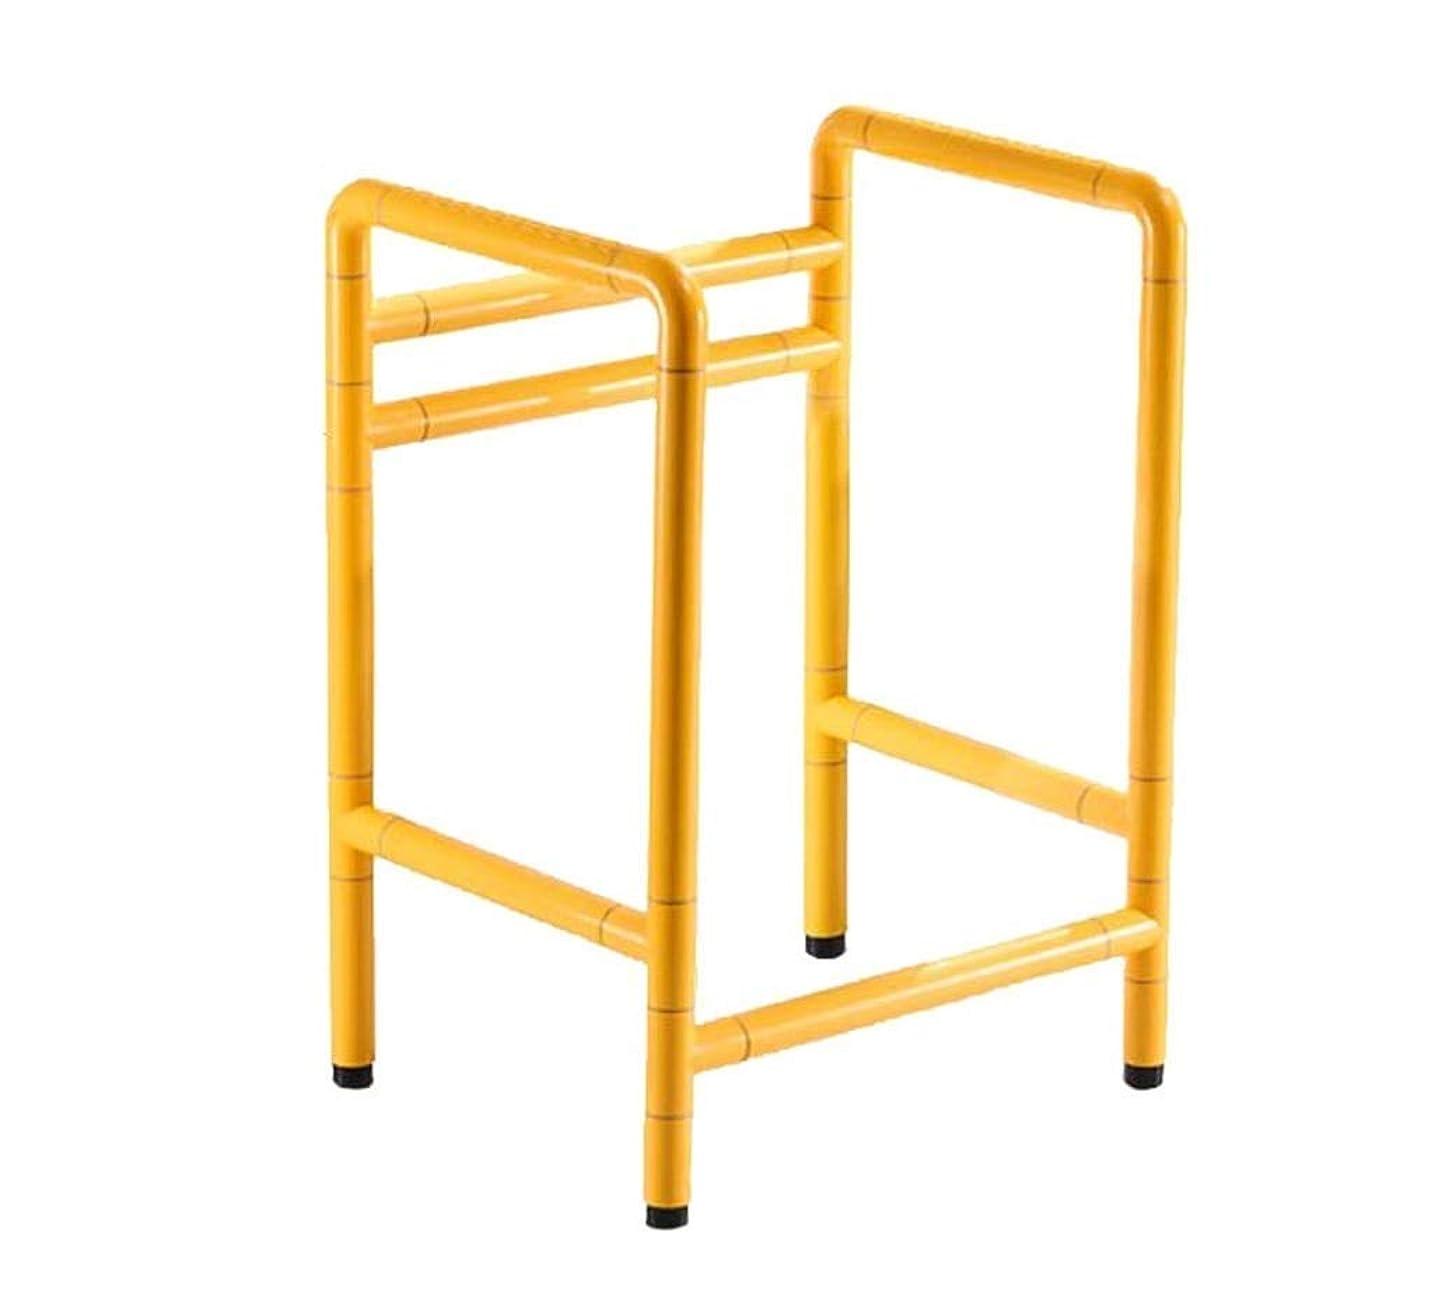 検出器嫌いフォークRANRANJJ 医療調節可能なベッドアシストレールハンドルとハンドガードグラブバーベッドサイドの安全性と安定性ステンレス鋼高齢者用トイレのガードレール滑り止めハンドレール障害のある安全ブースターの棚 (Color : Yellow)